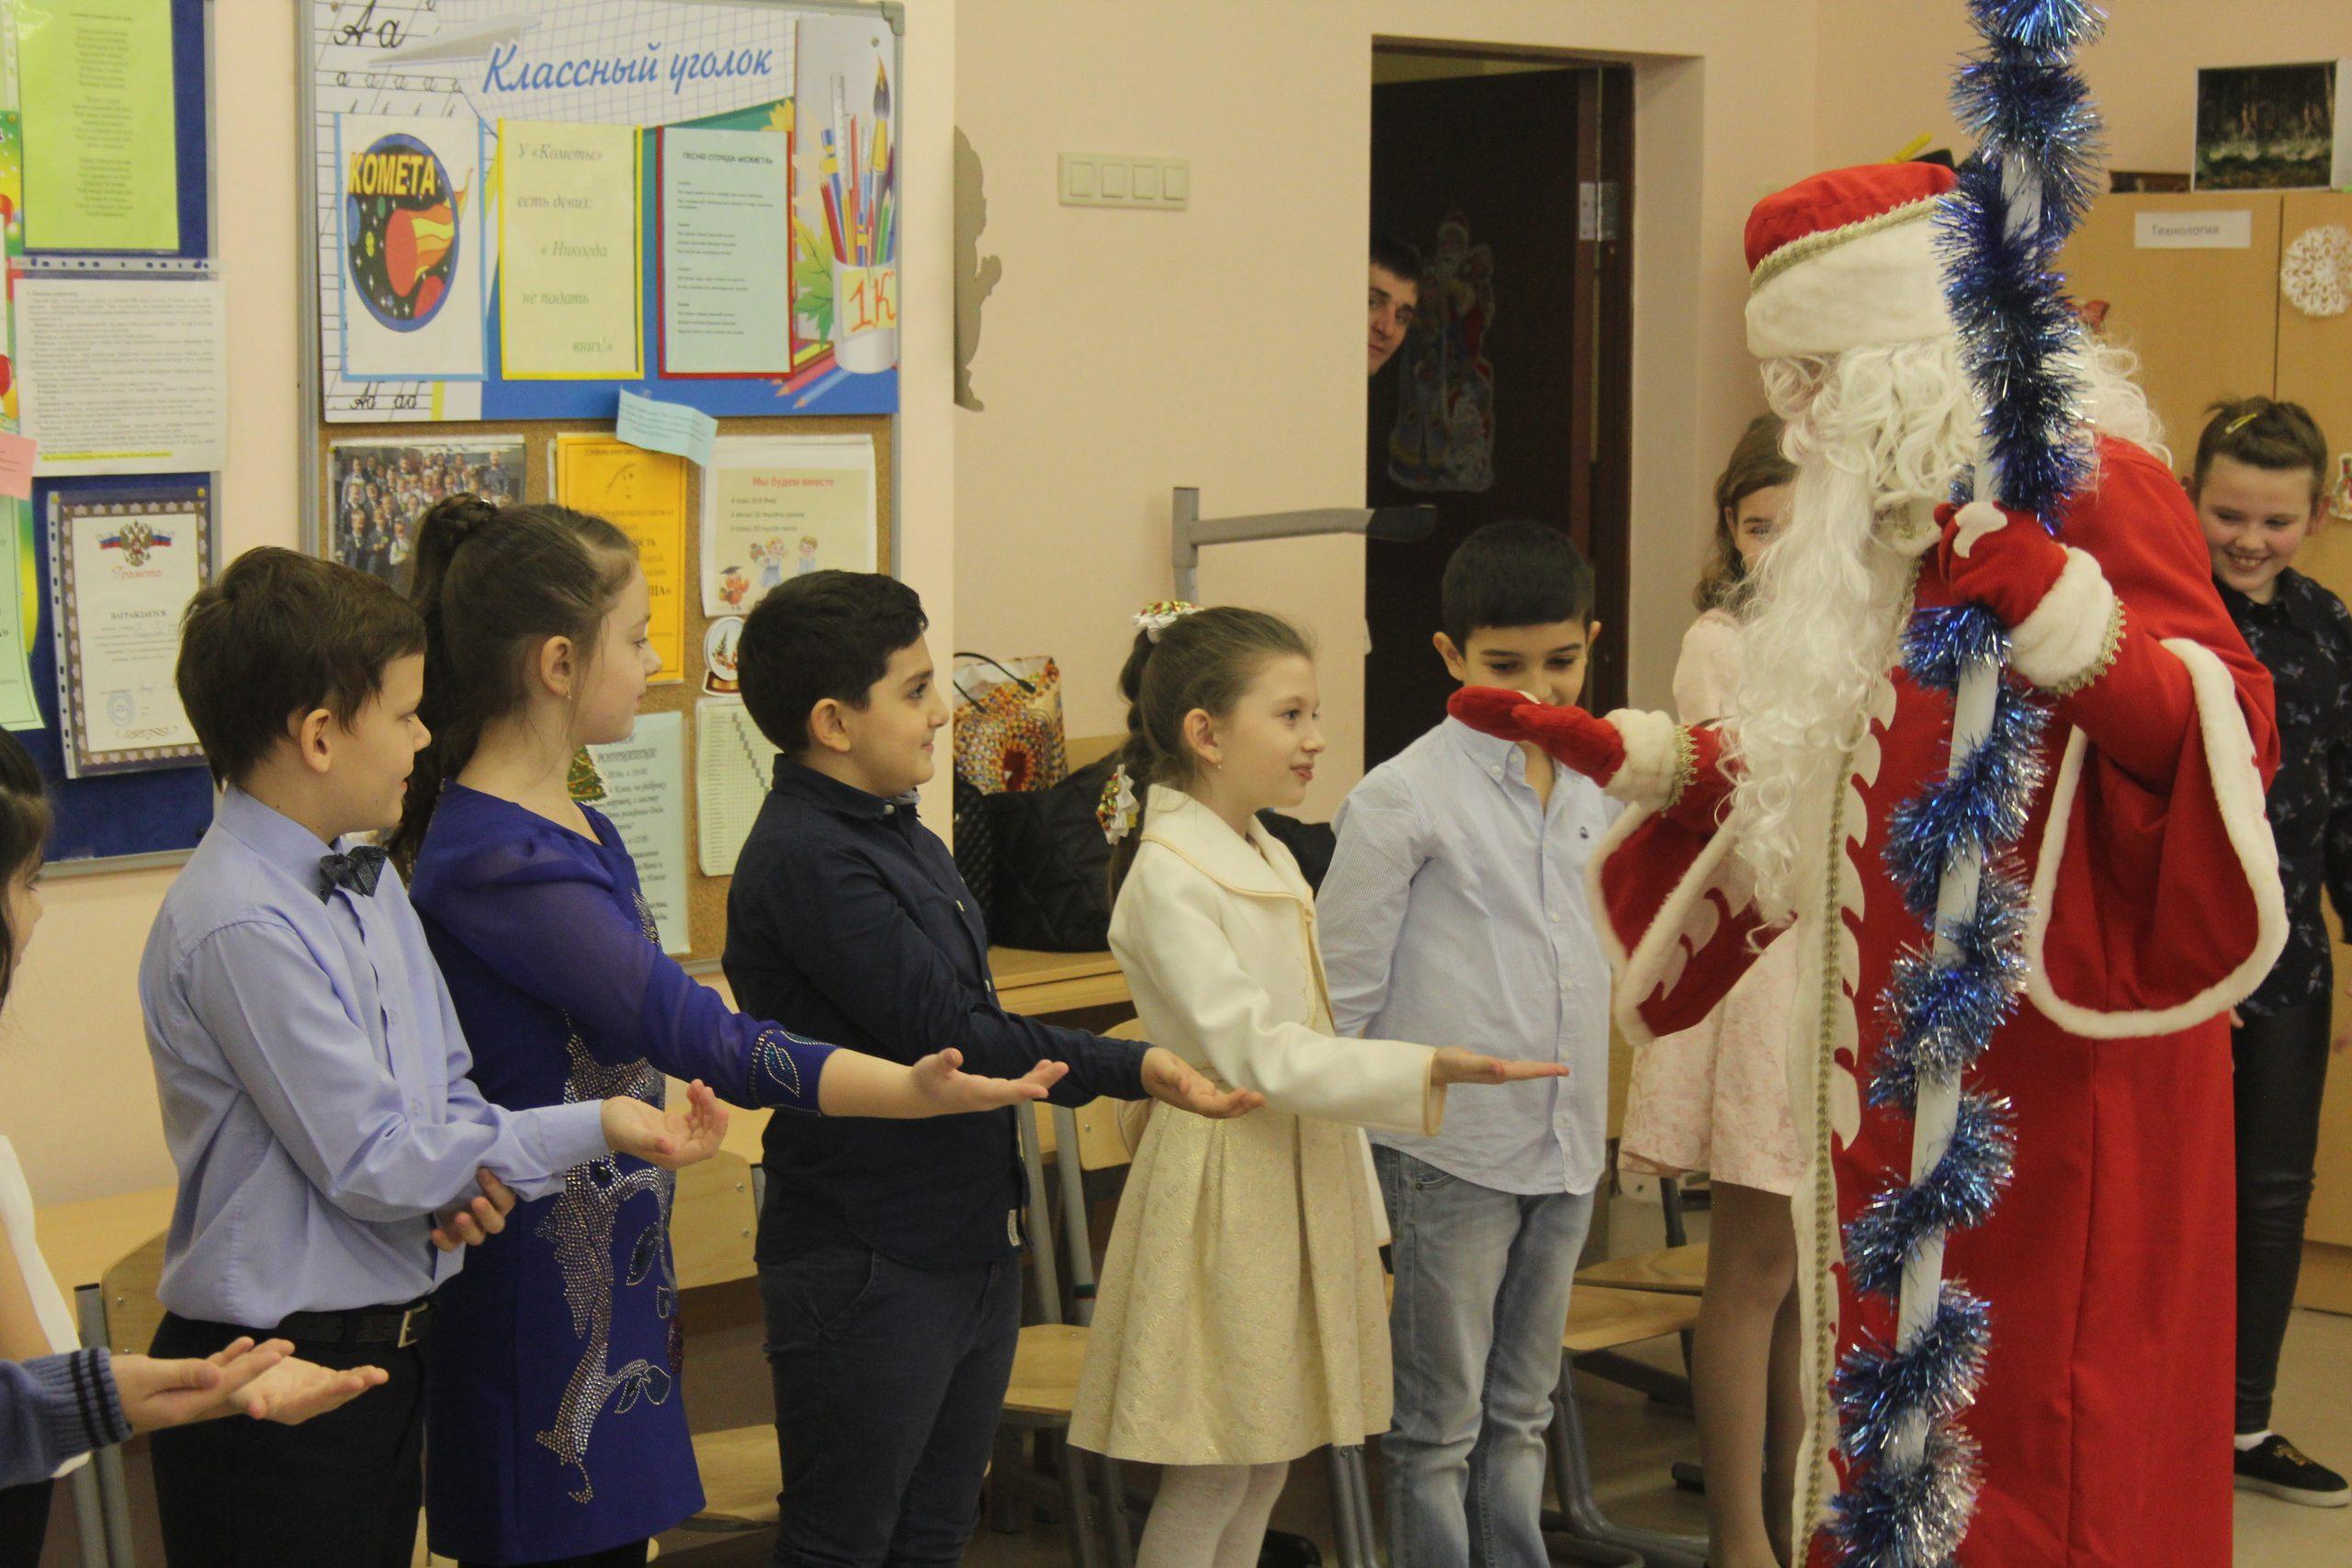 Дед Мороз раздает подарки школьникам в школе